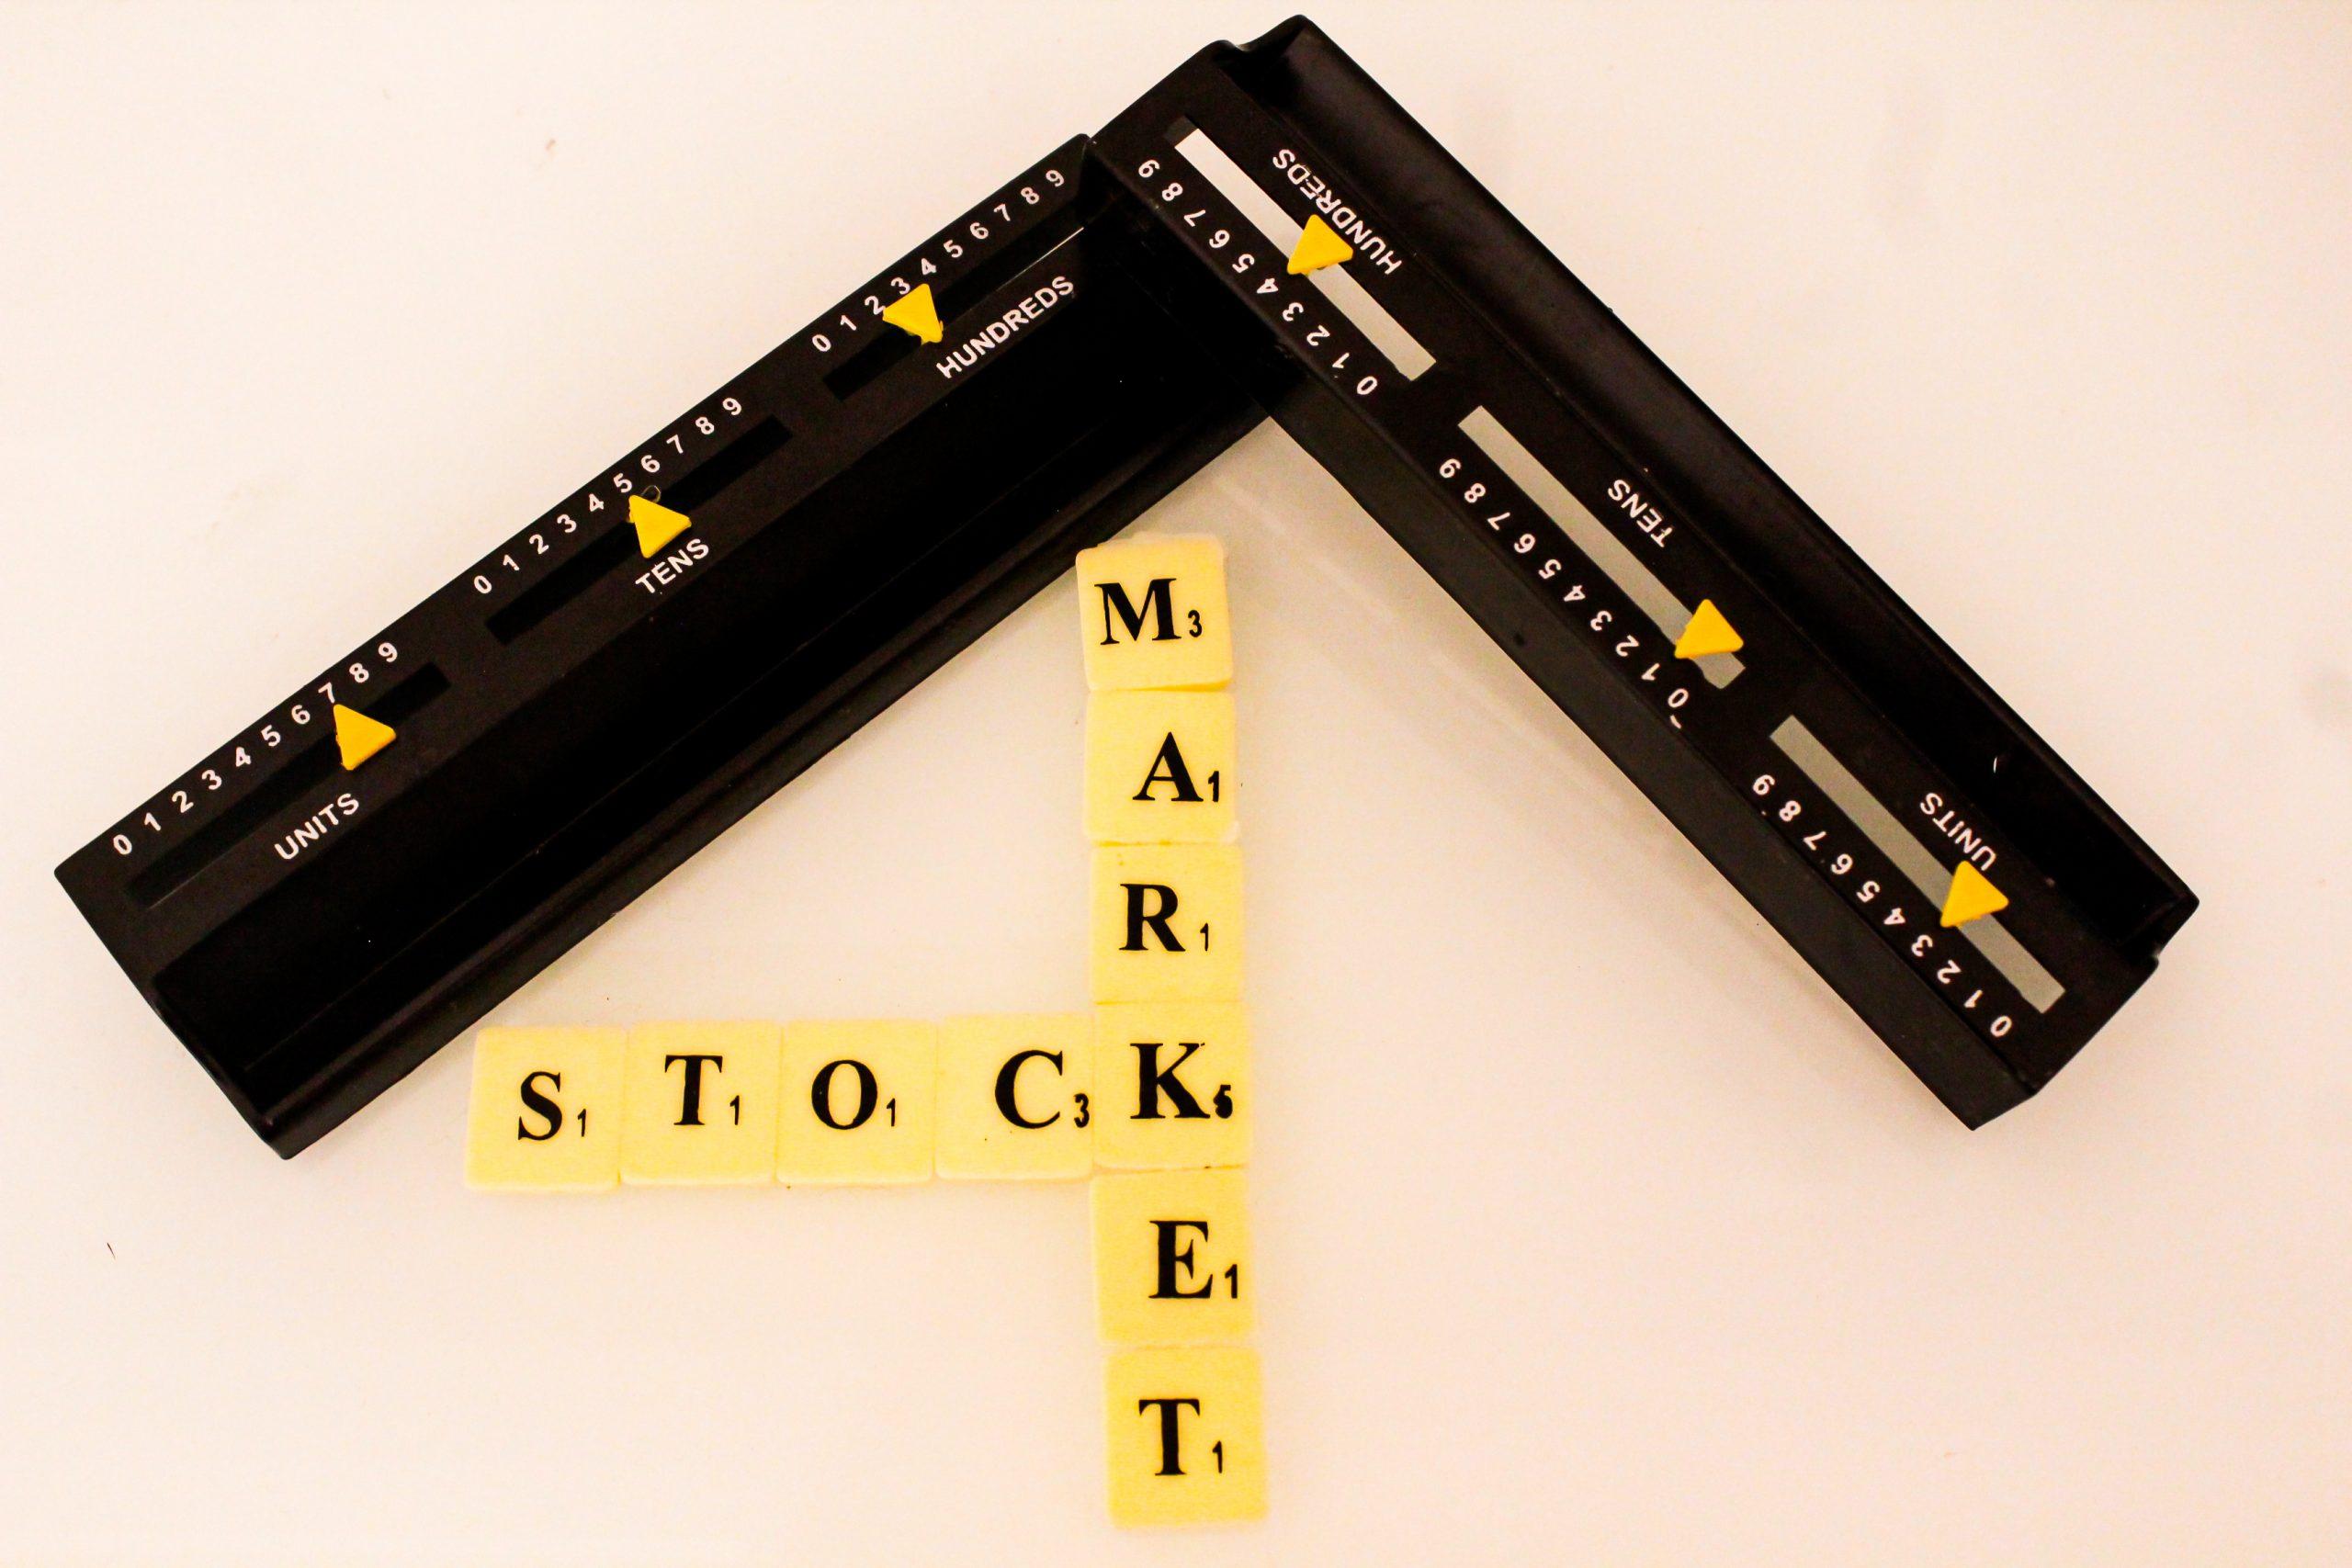 Stock market written on scrabble